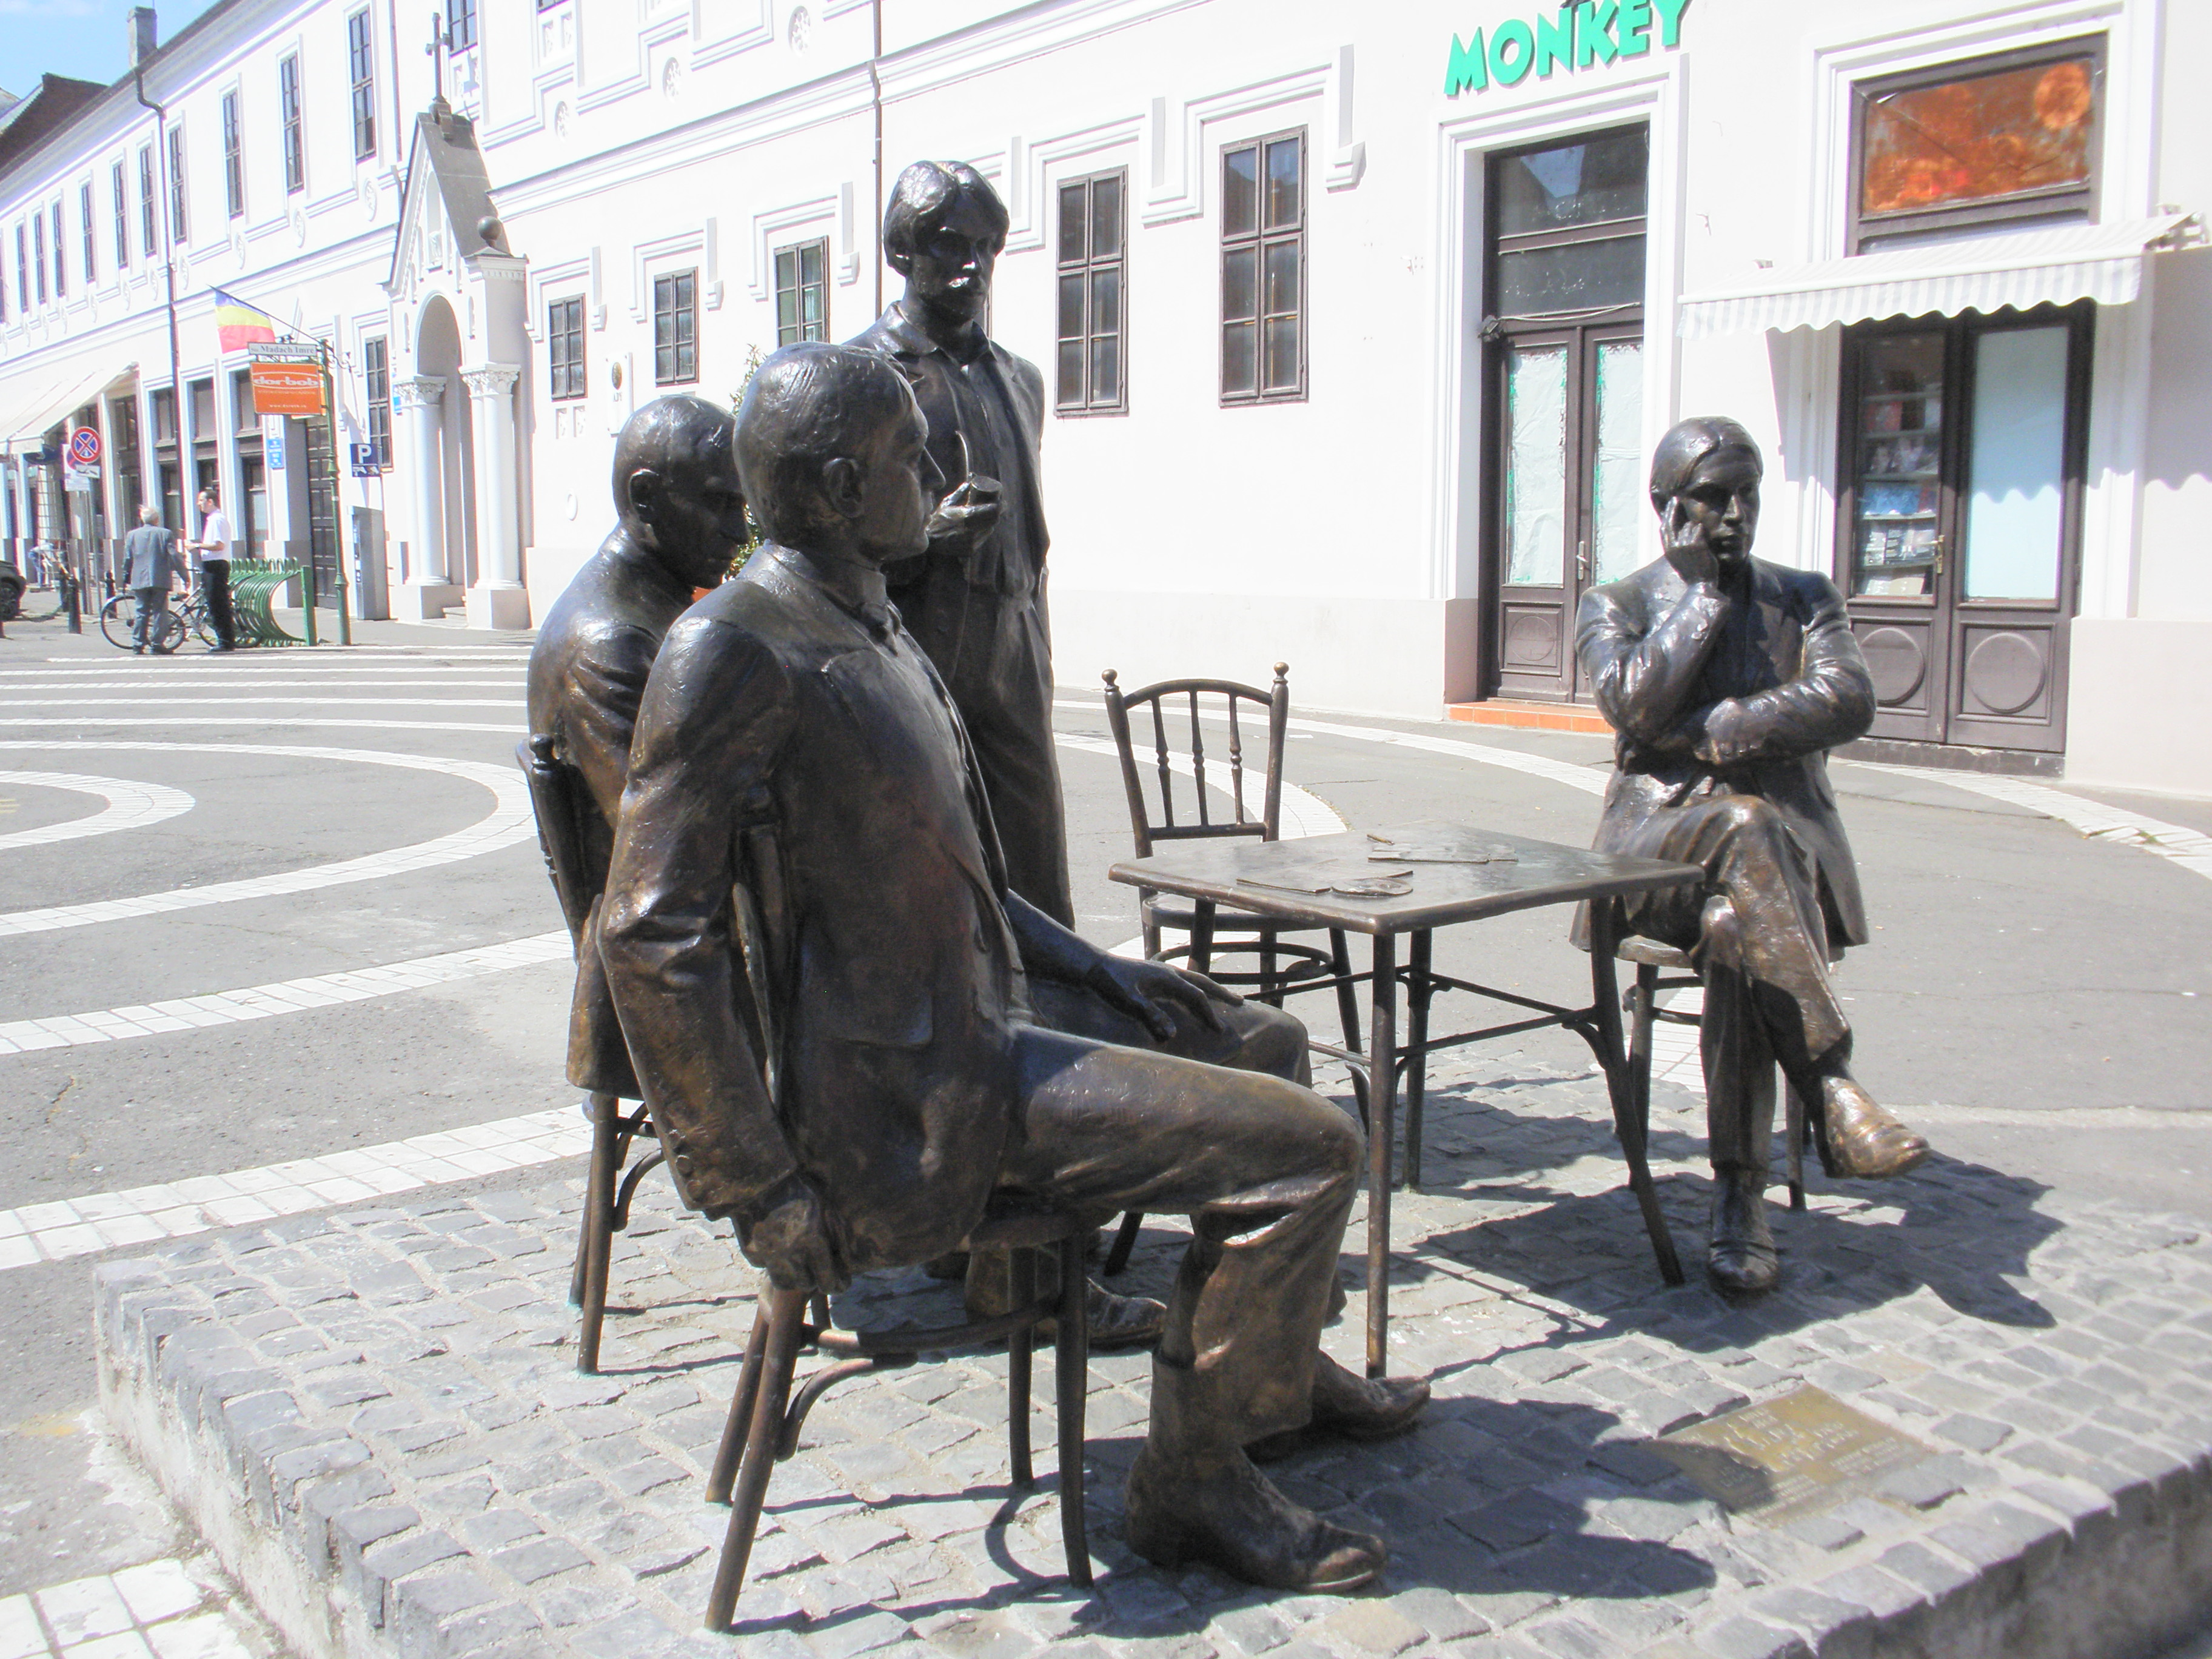 Nagyváradi szoborcsoport a Holnap Irodalmi Társaság alapító tagjairól